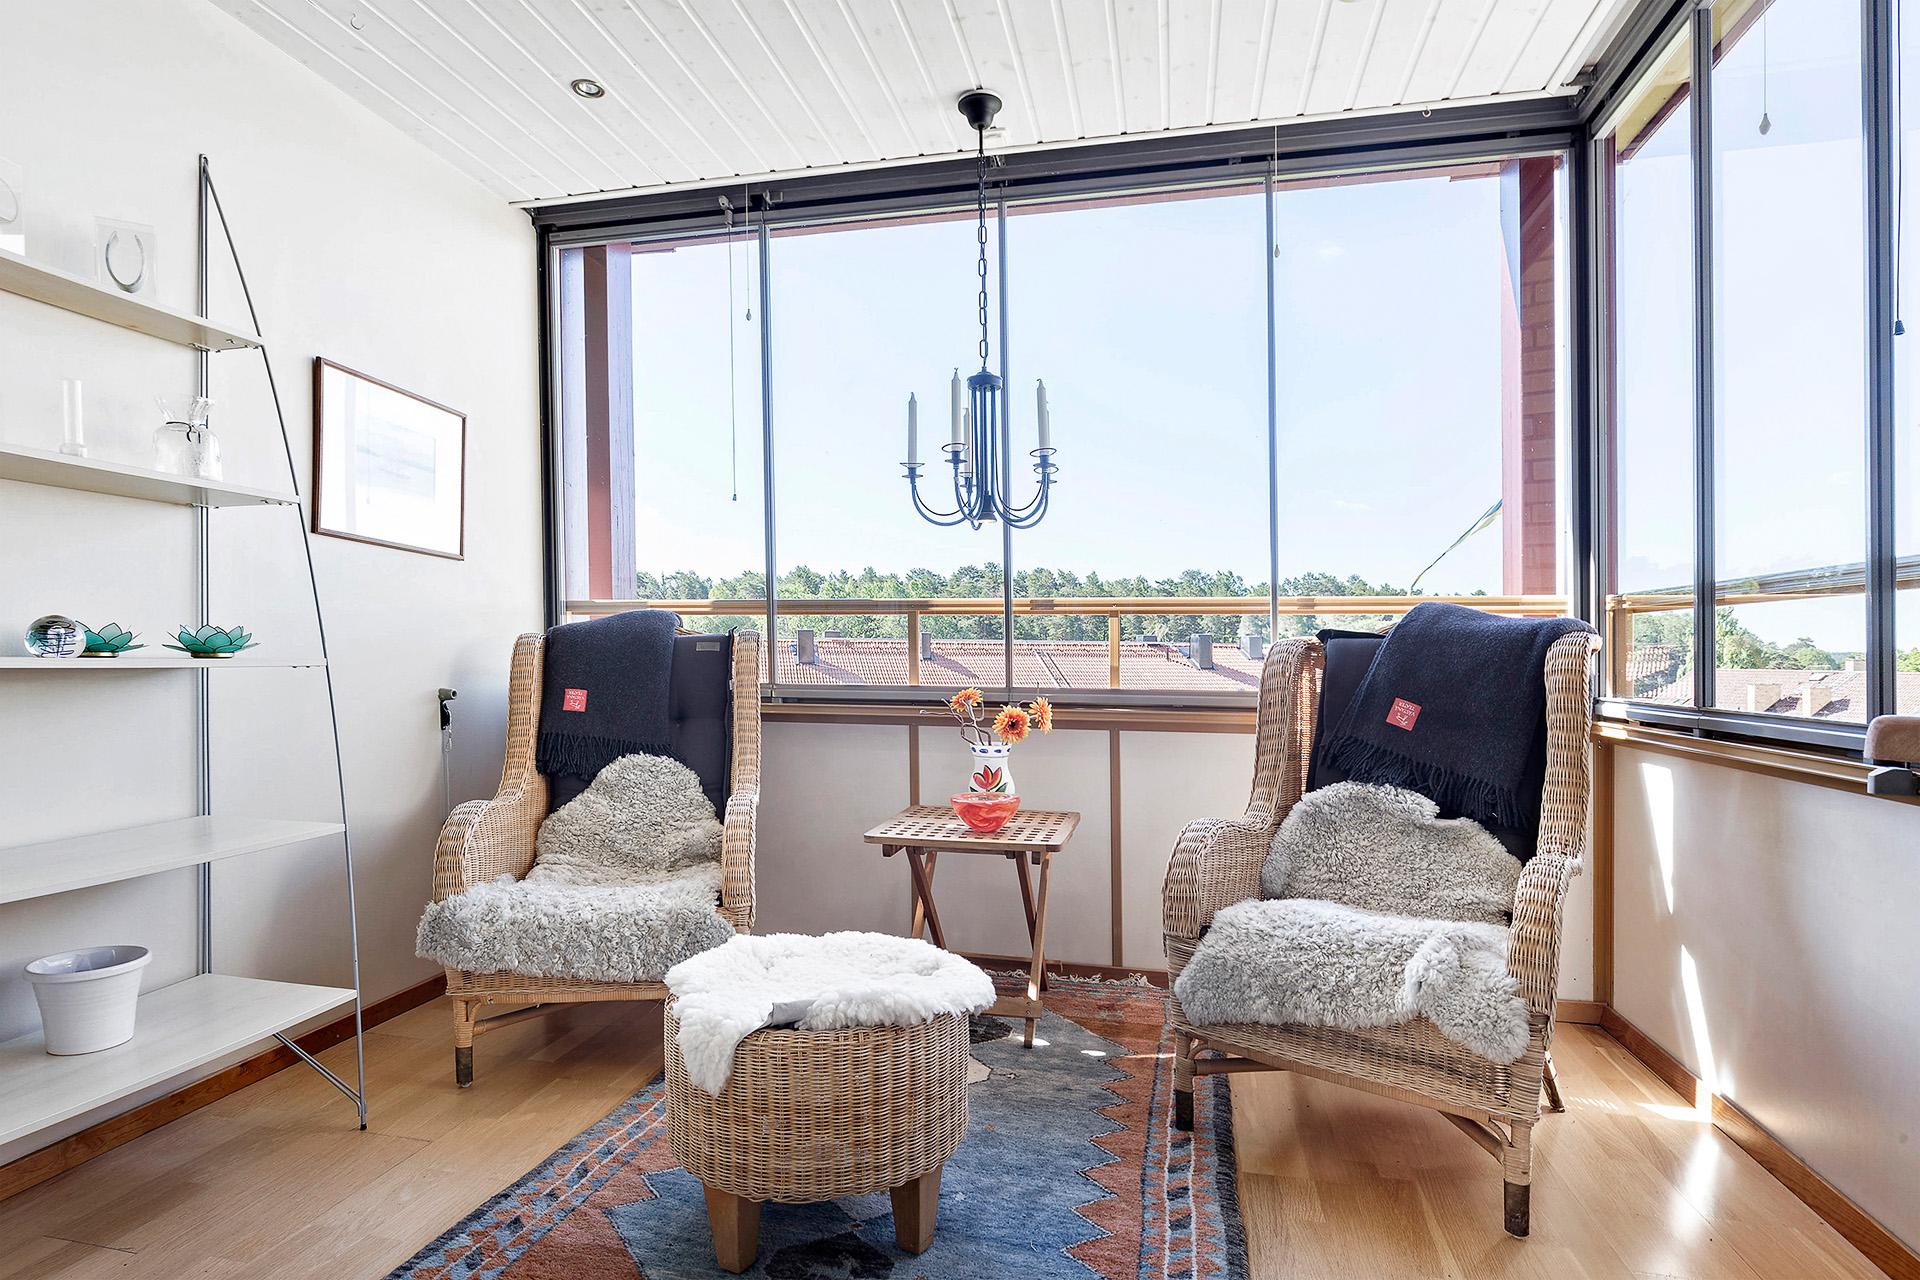 Inglasad balkong med spotlights i tak och infravärme